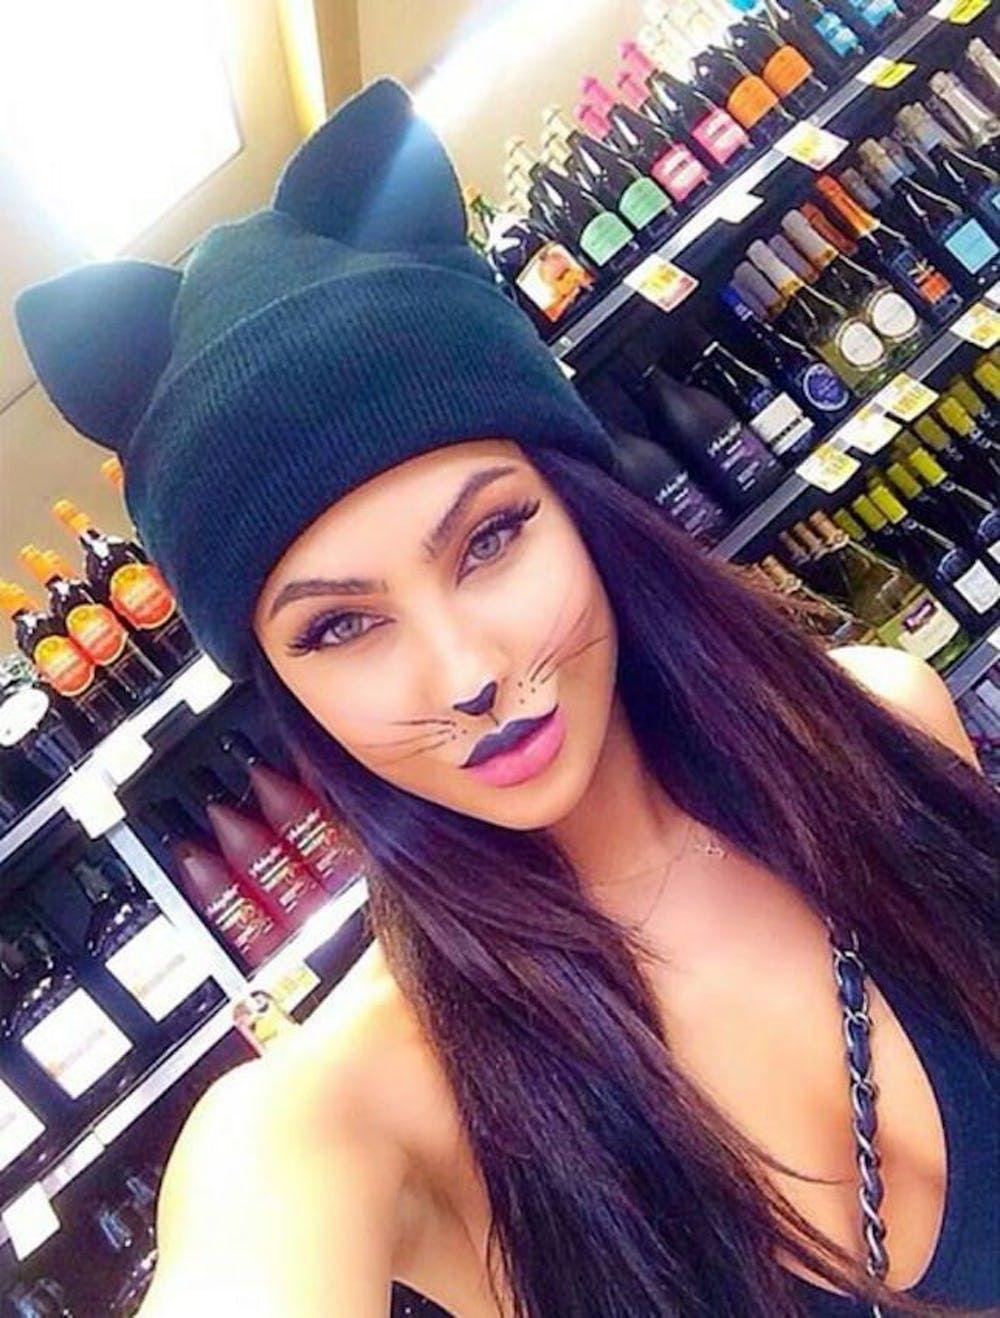 Pinterest BbygirlCs 🌹 Halloween makeup clown, Cute